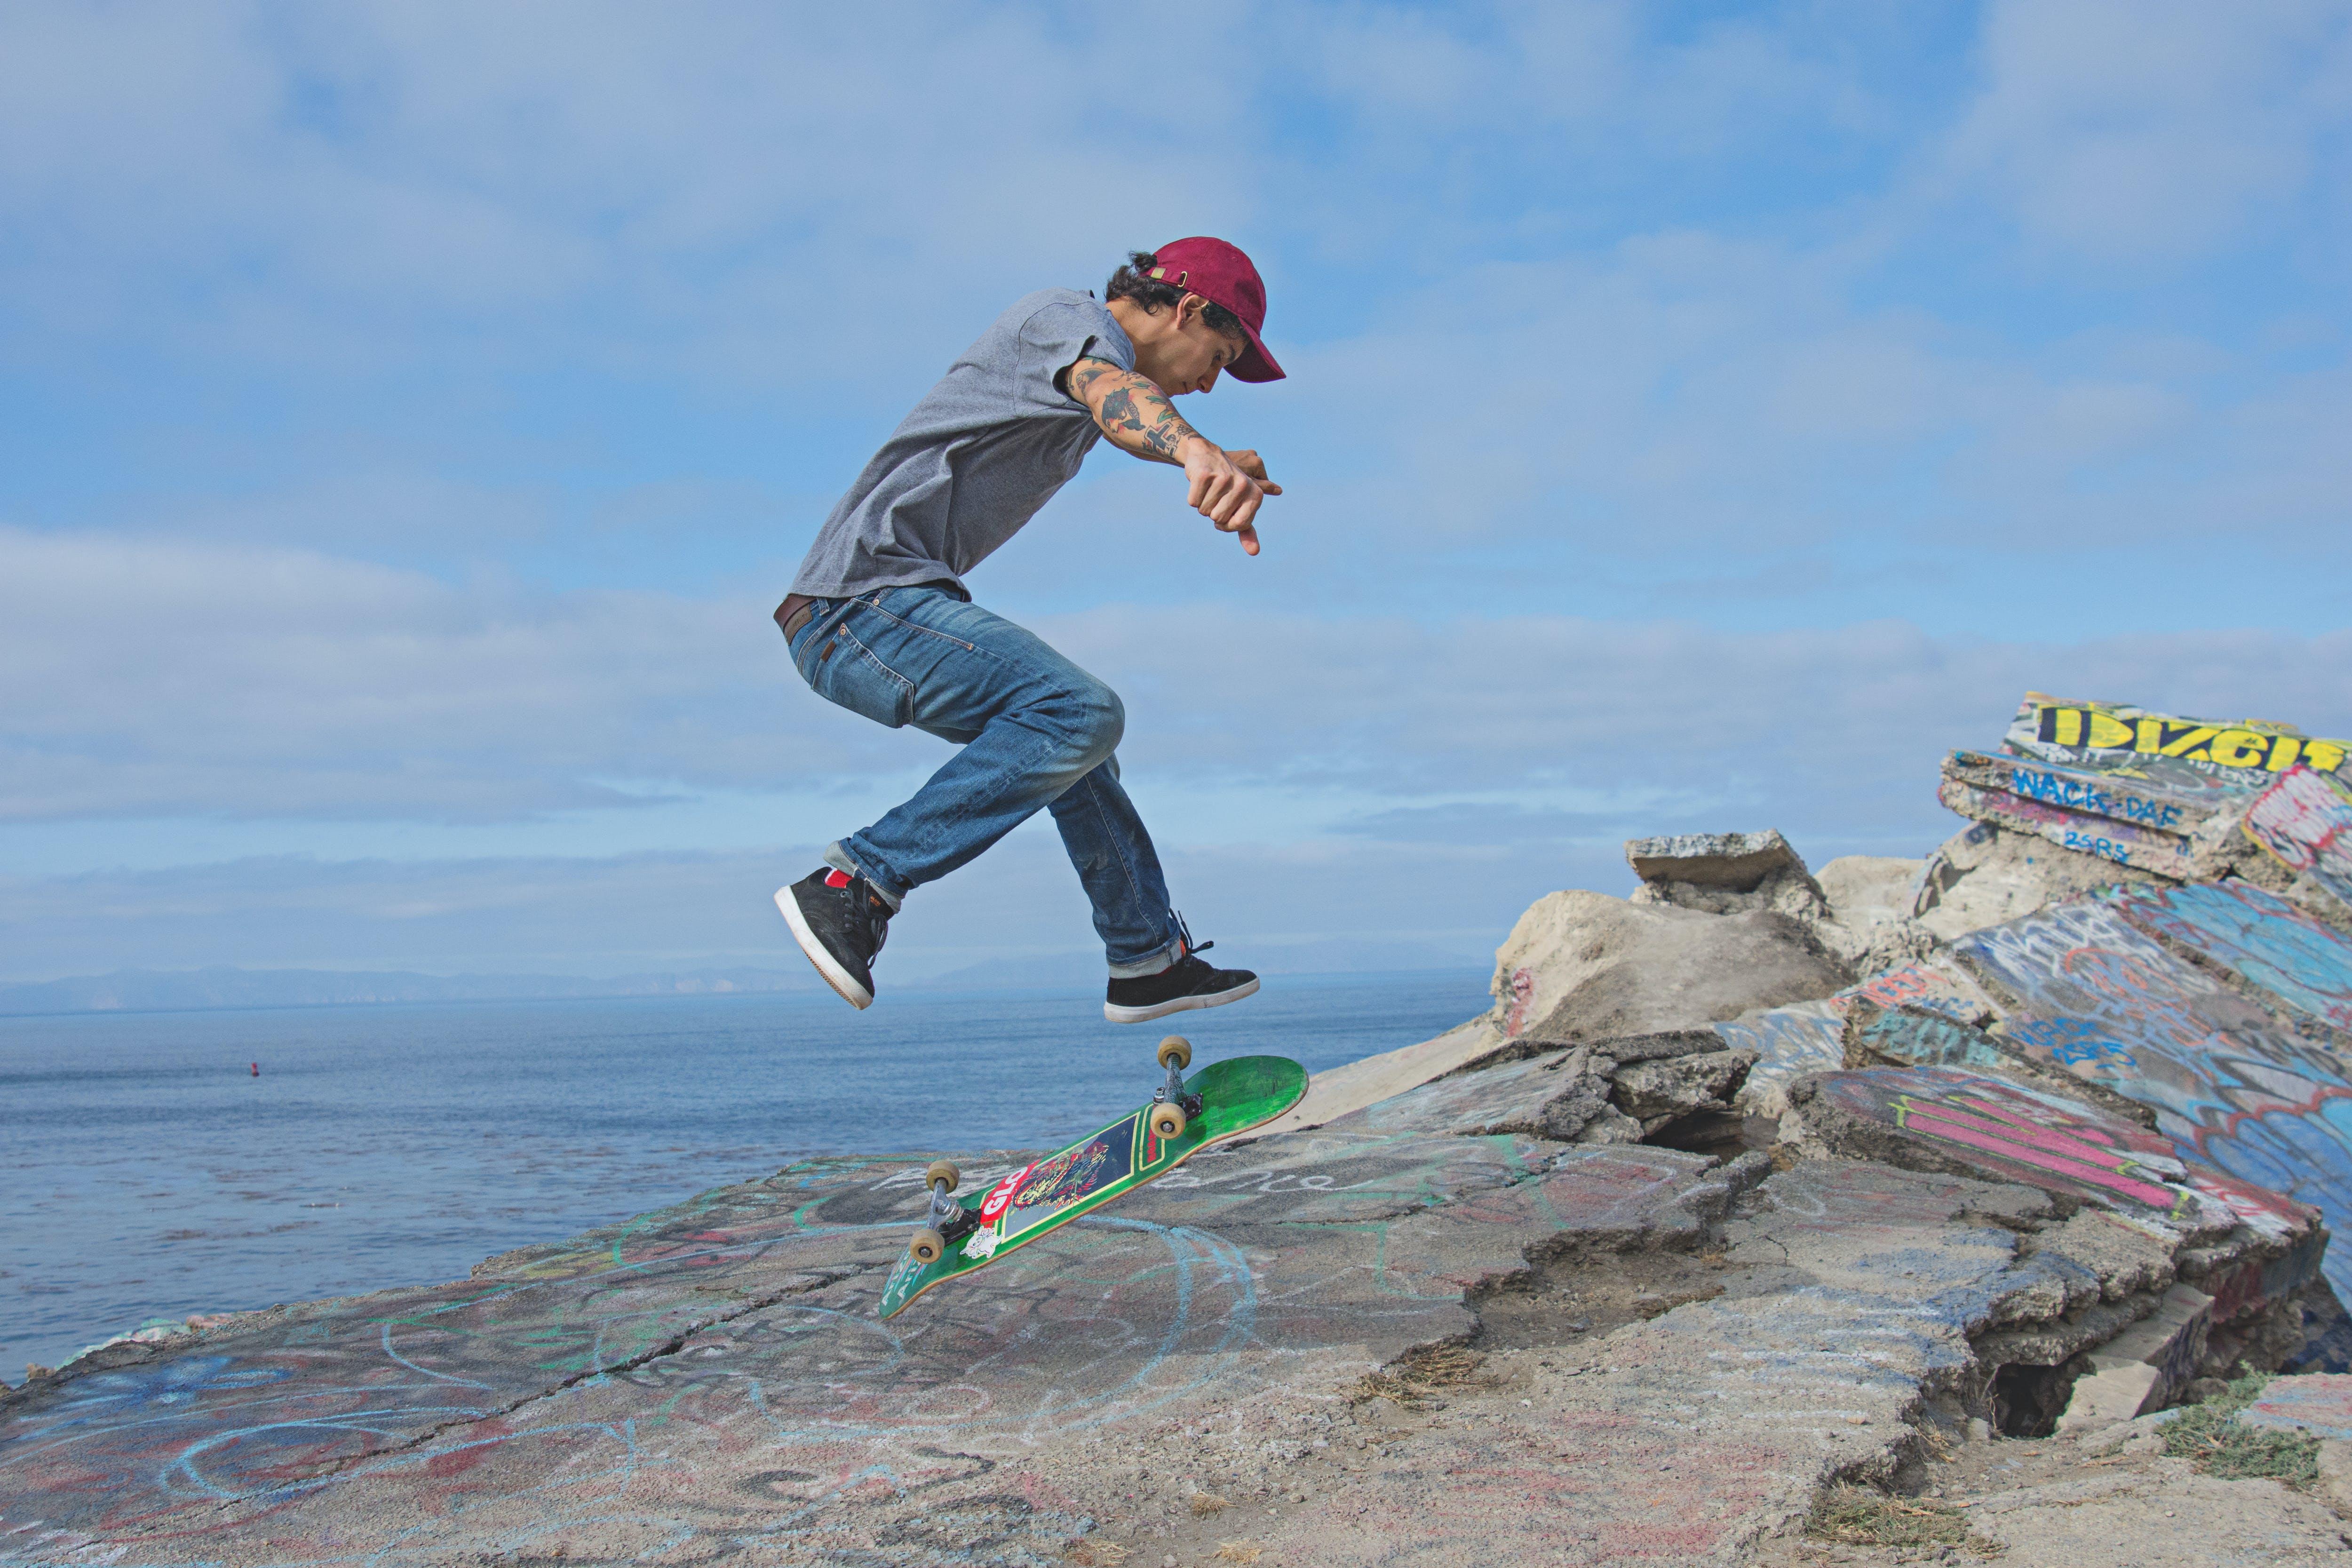 Fidelity jeans, skateboard, kick-flip